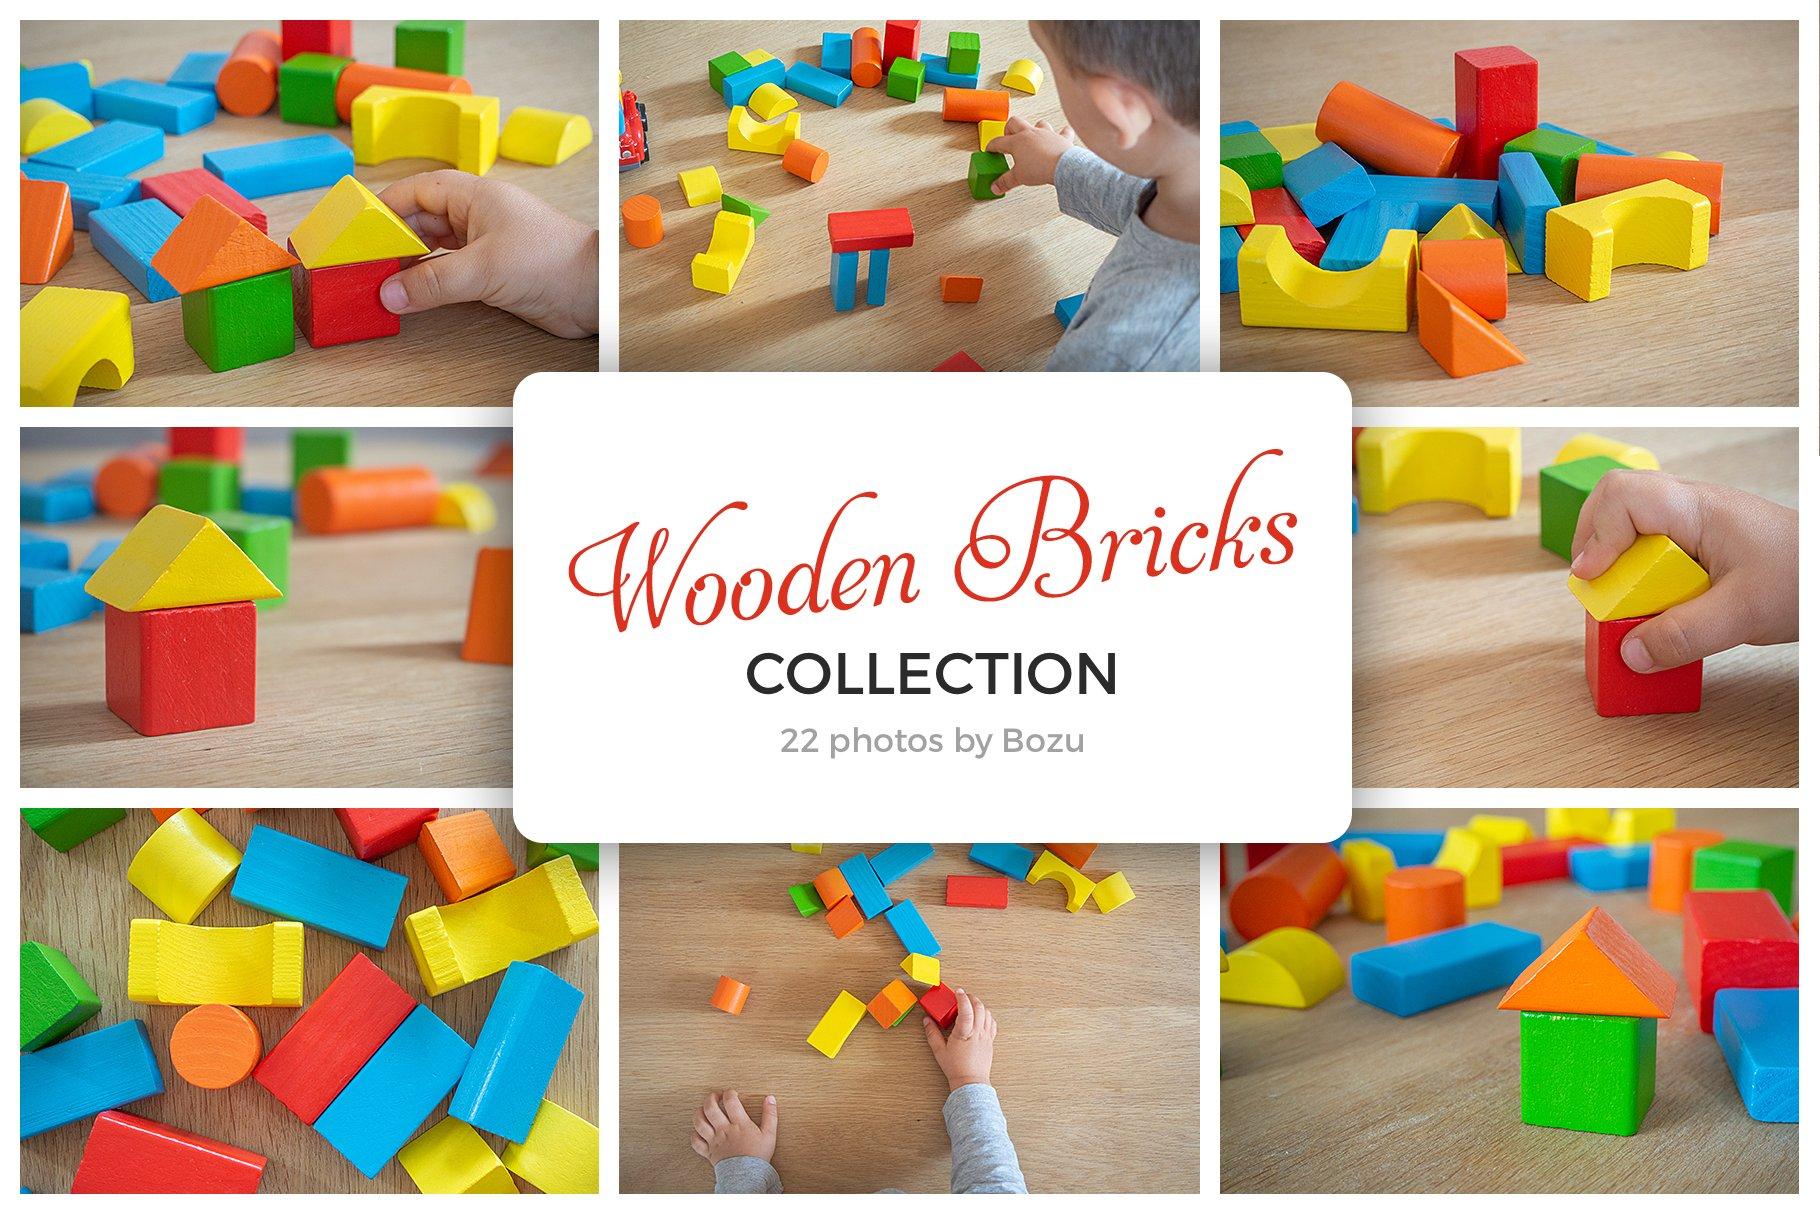 Wooden Bricks Collection ~ Arts & Entertainment Photos ~ Creative Market